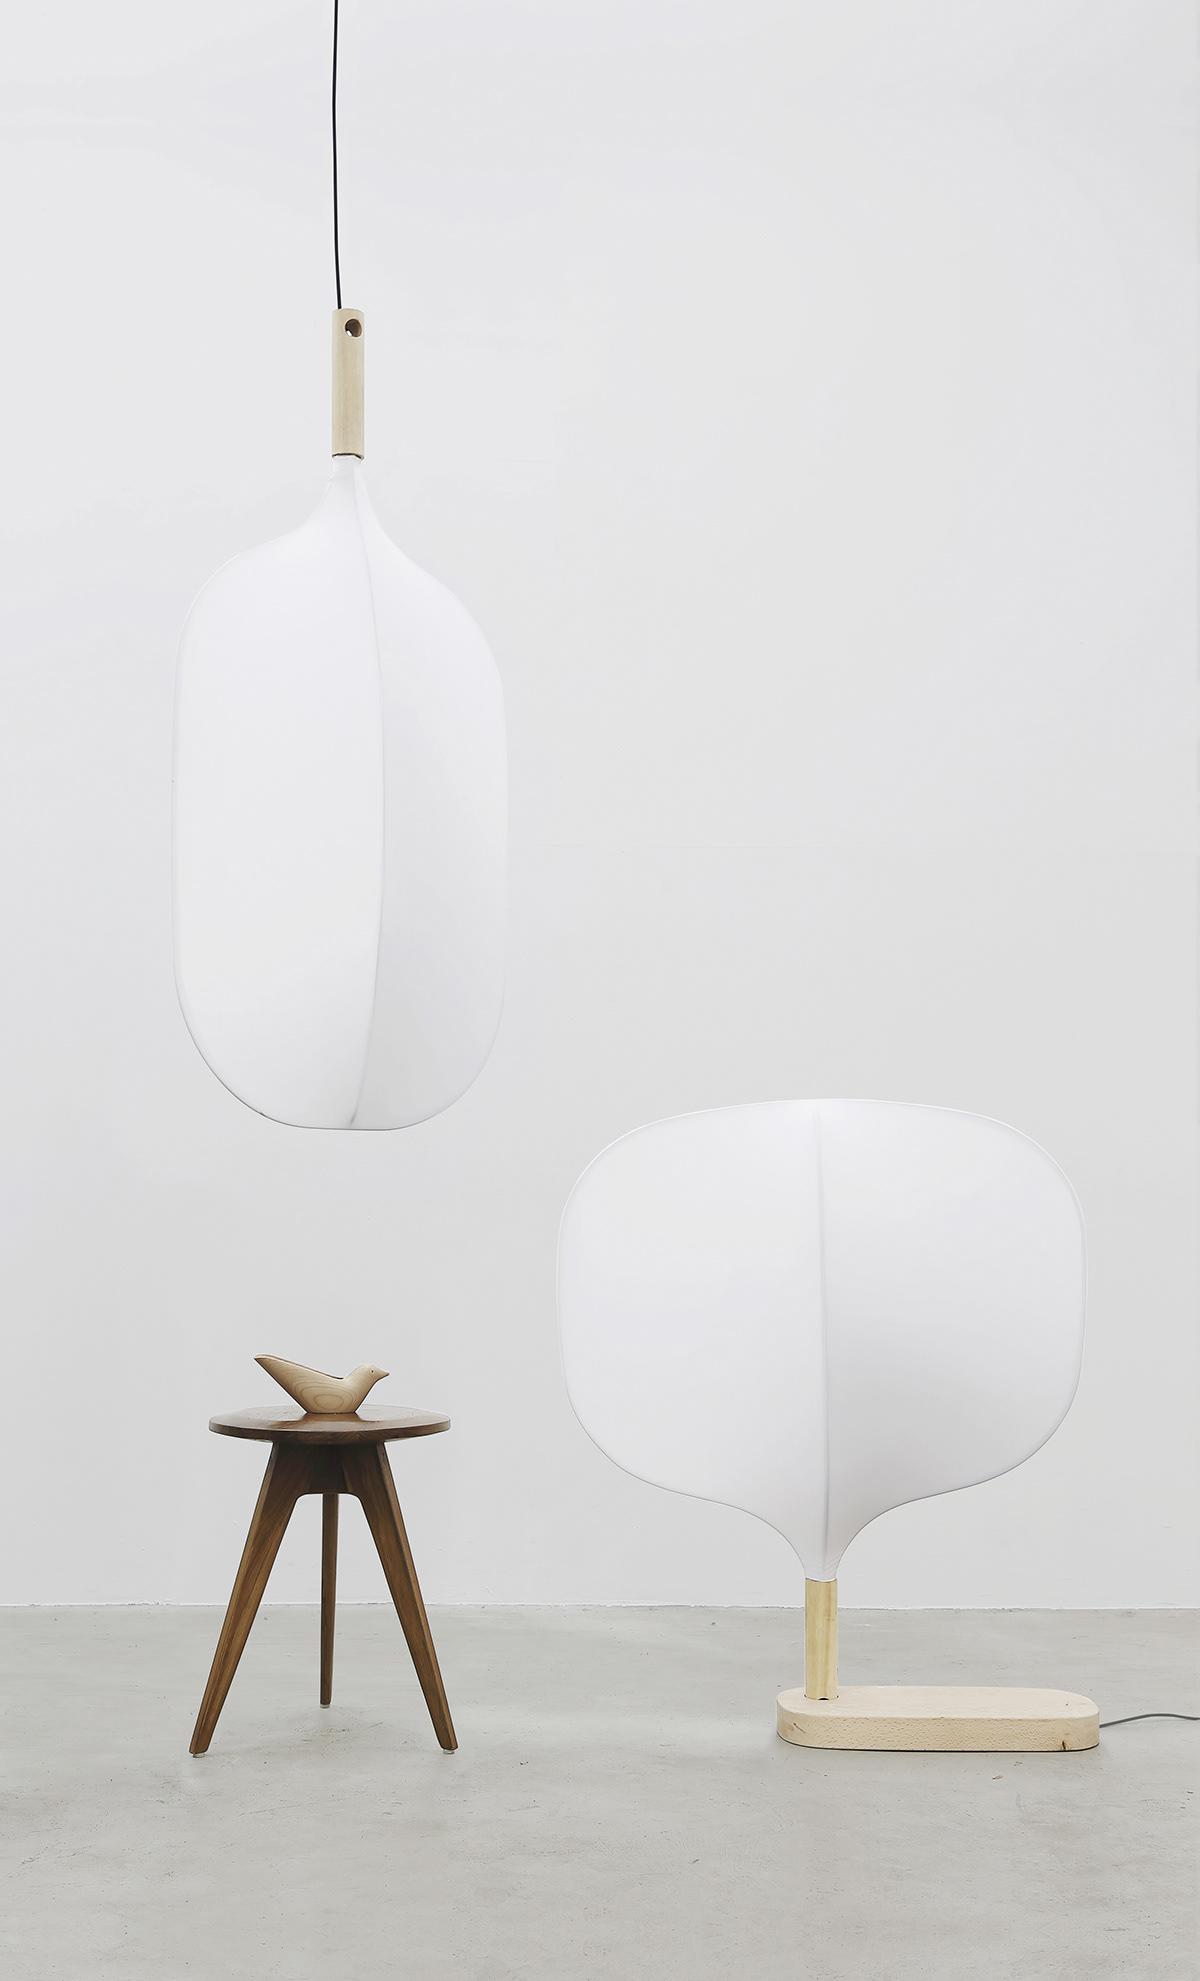 Image may contain: wall, lamp and cartoon